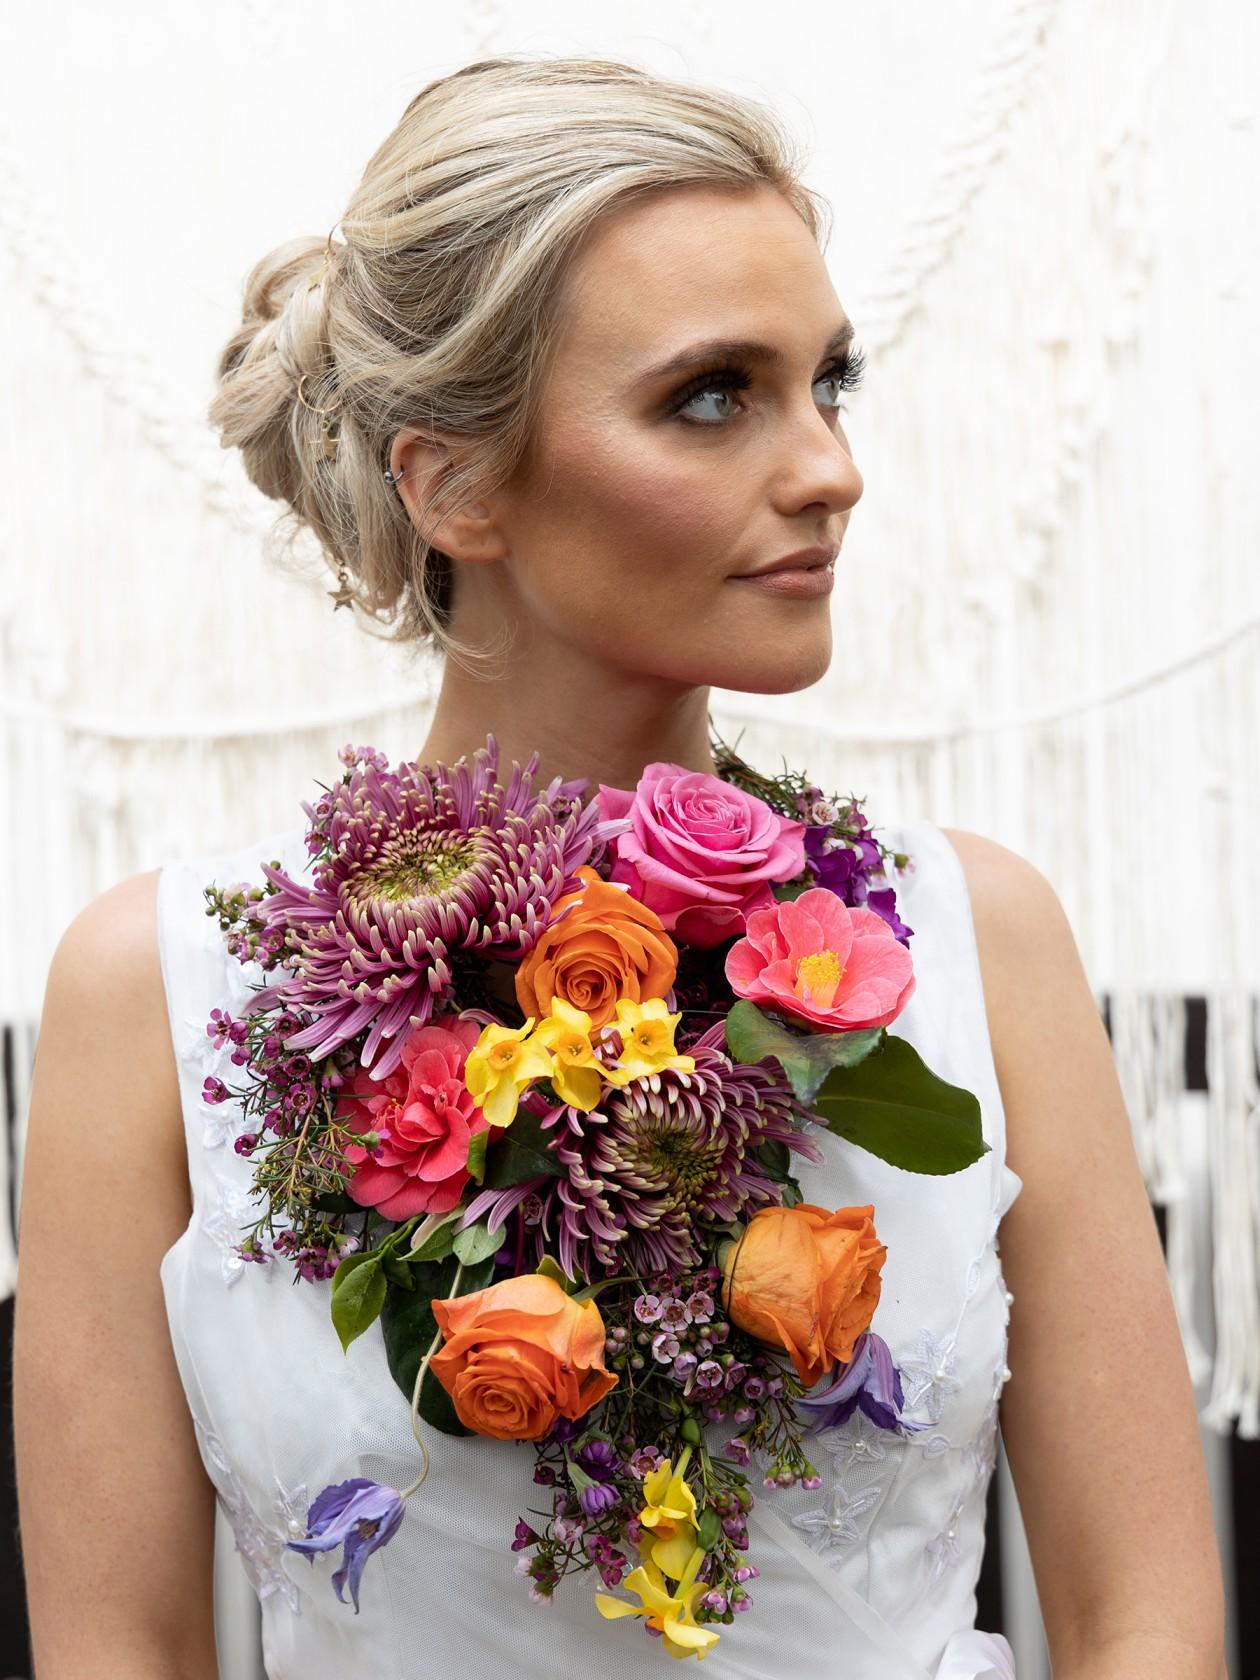 floral bridal accessories, unique bridalwear, unique wedding flowers, colourful wedding flowers